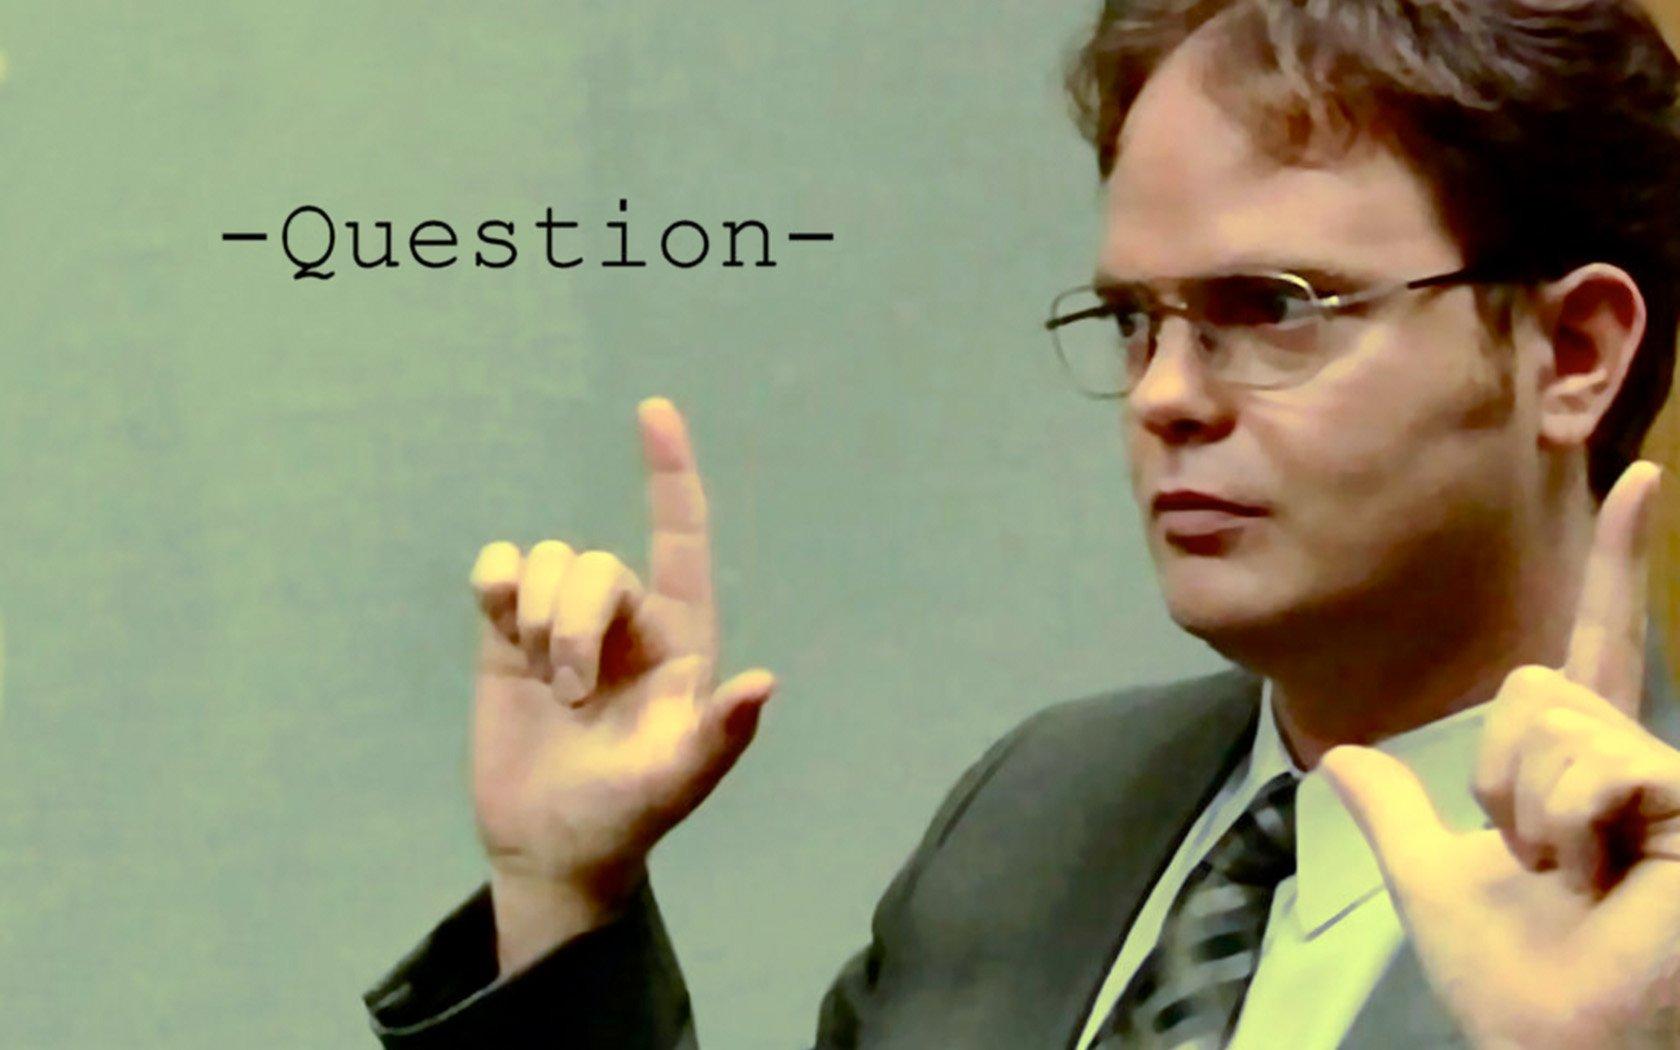 The Office Dwight Schrute Rainn Wilson question wallpaper ...